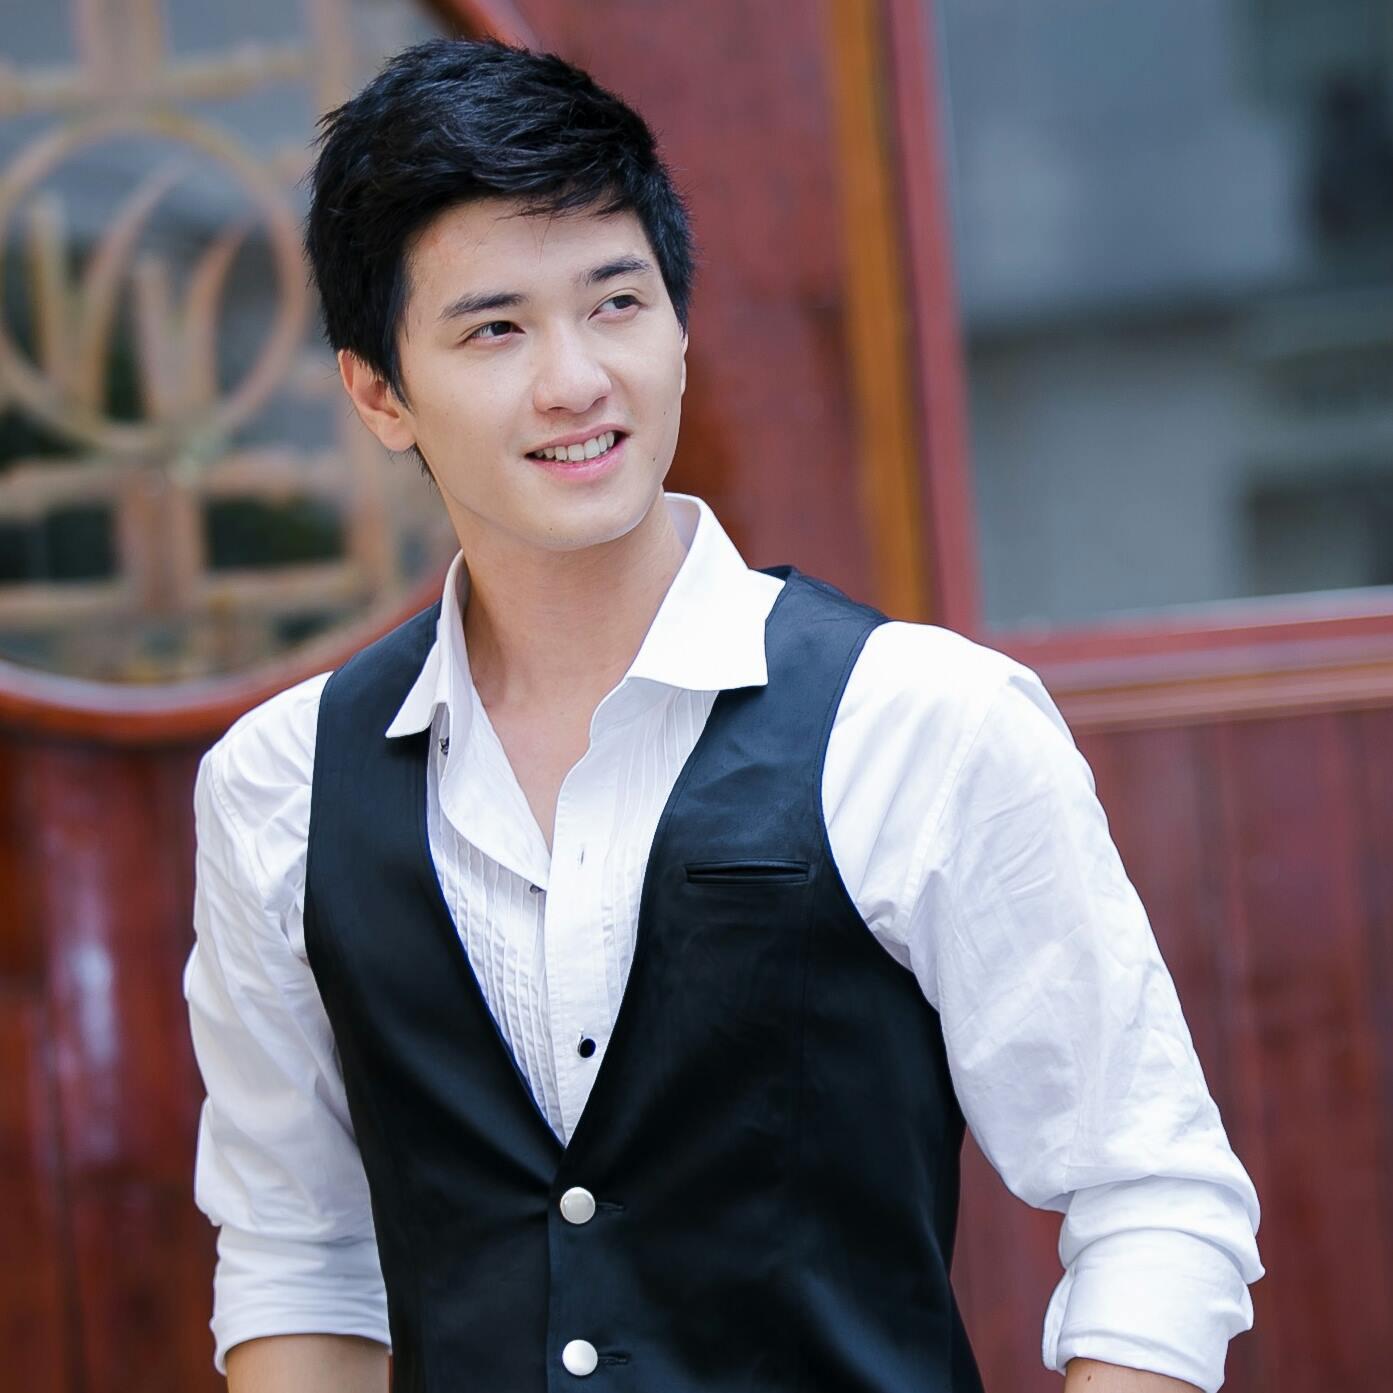 Điểm mặt những sao Việt từng bị chỉ trích khi đi muộn ở sự kiện - Ảnh 1